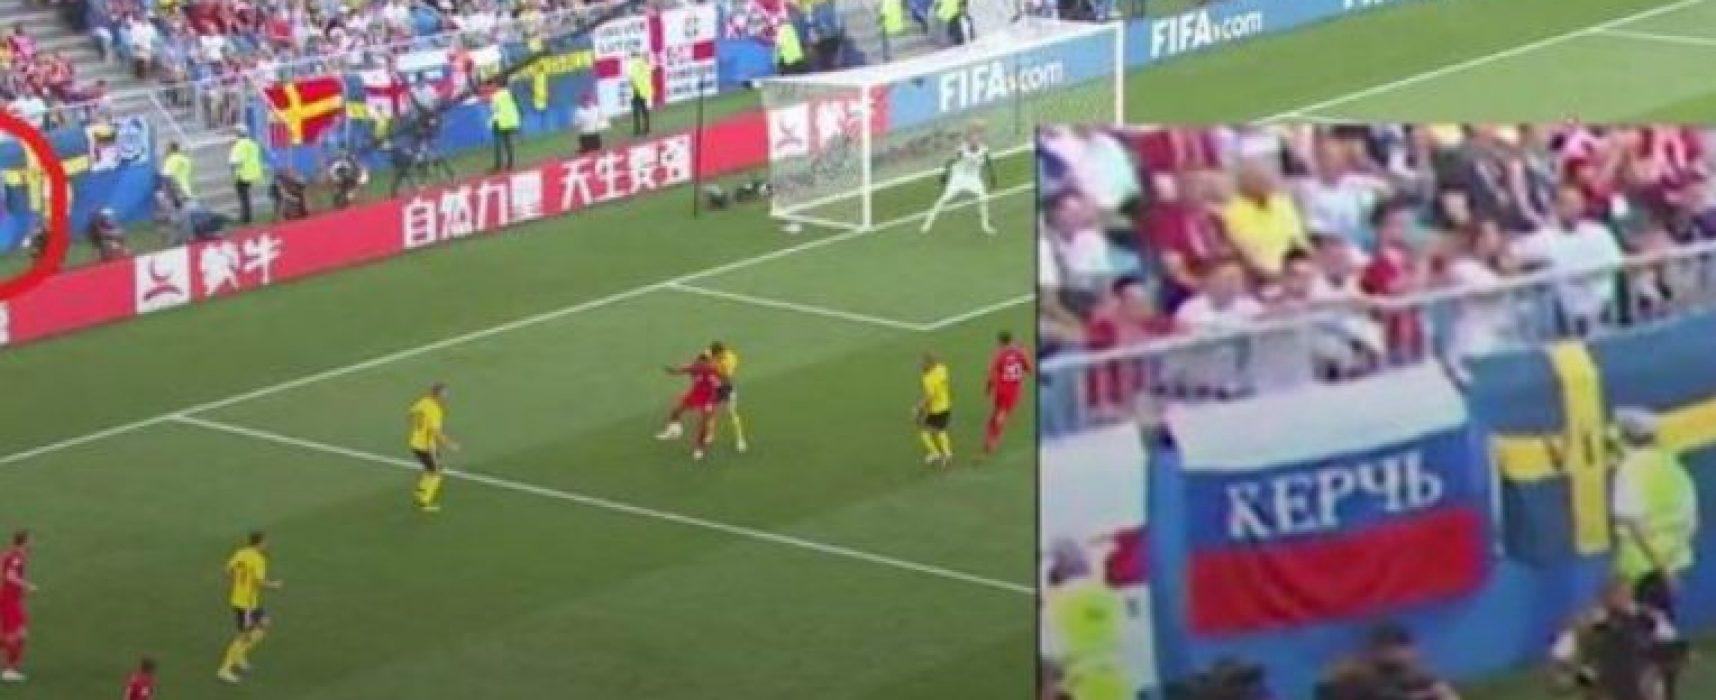 La FIFA n'a pas remarqué le drapeau russe avec l'inscription «Kertch» lors de la Coupe du Monde-2018